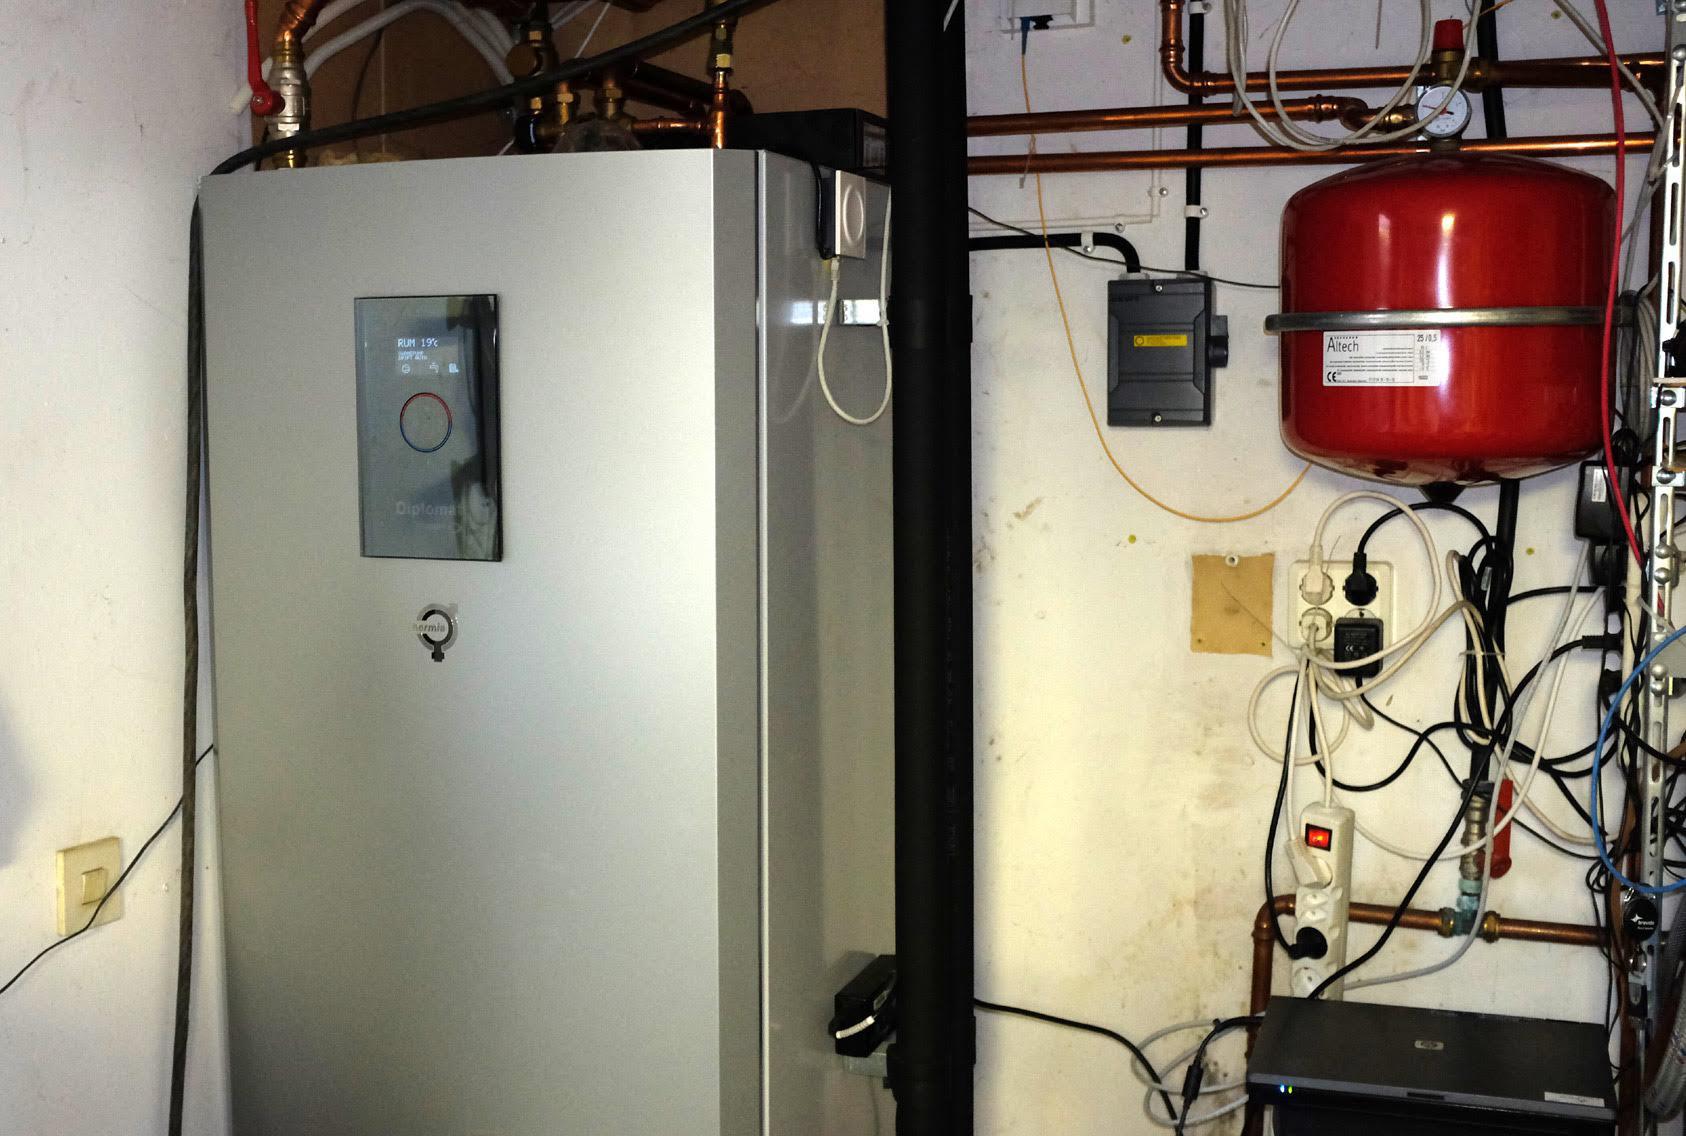 Ersatte direktverkande el med vattenburen jordvärme